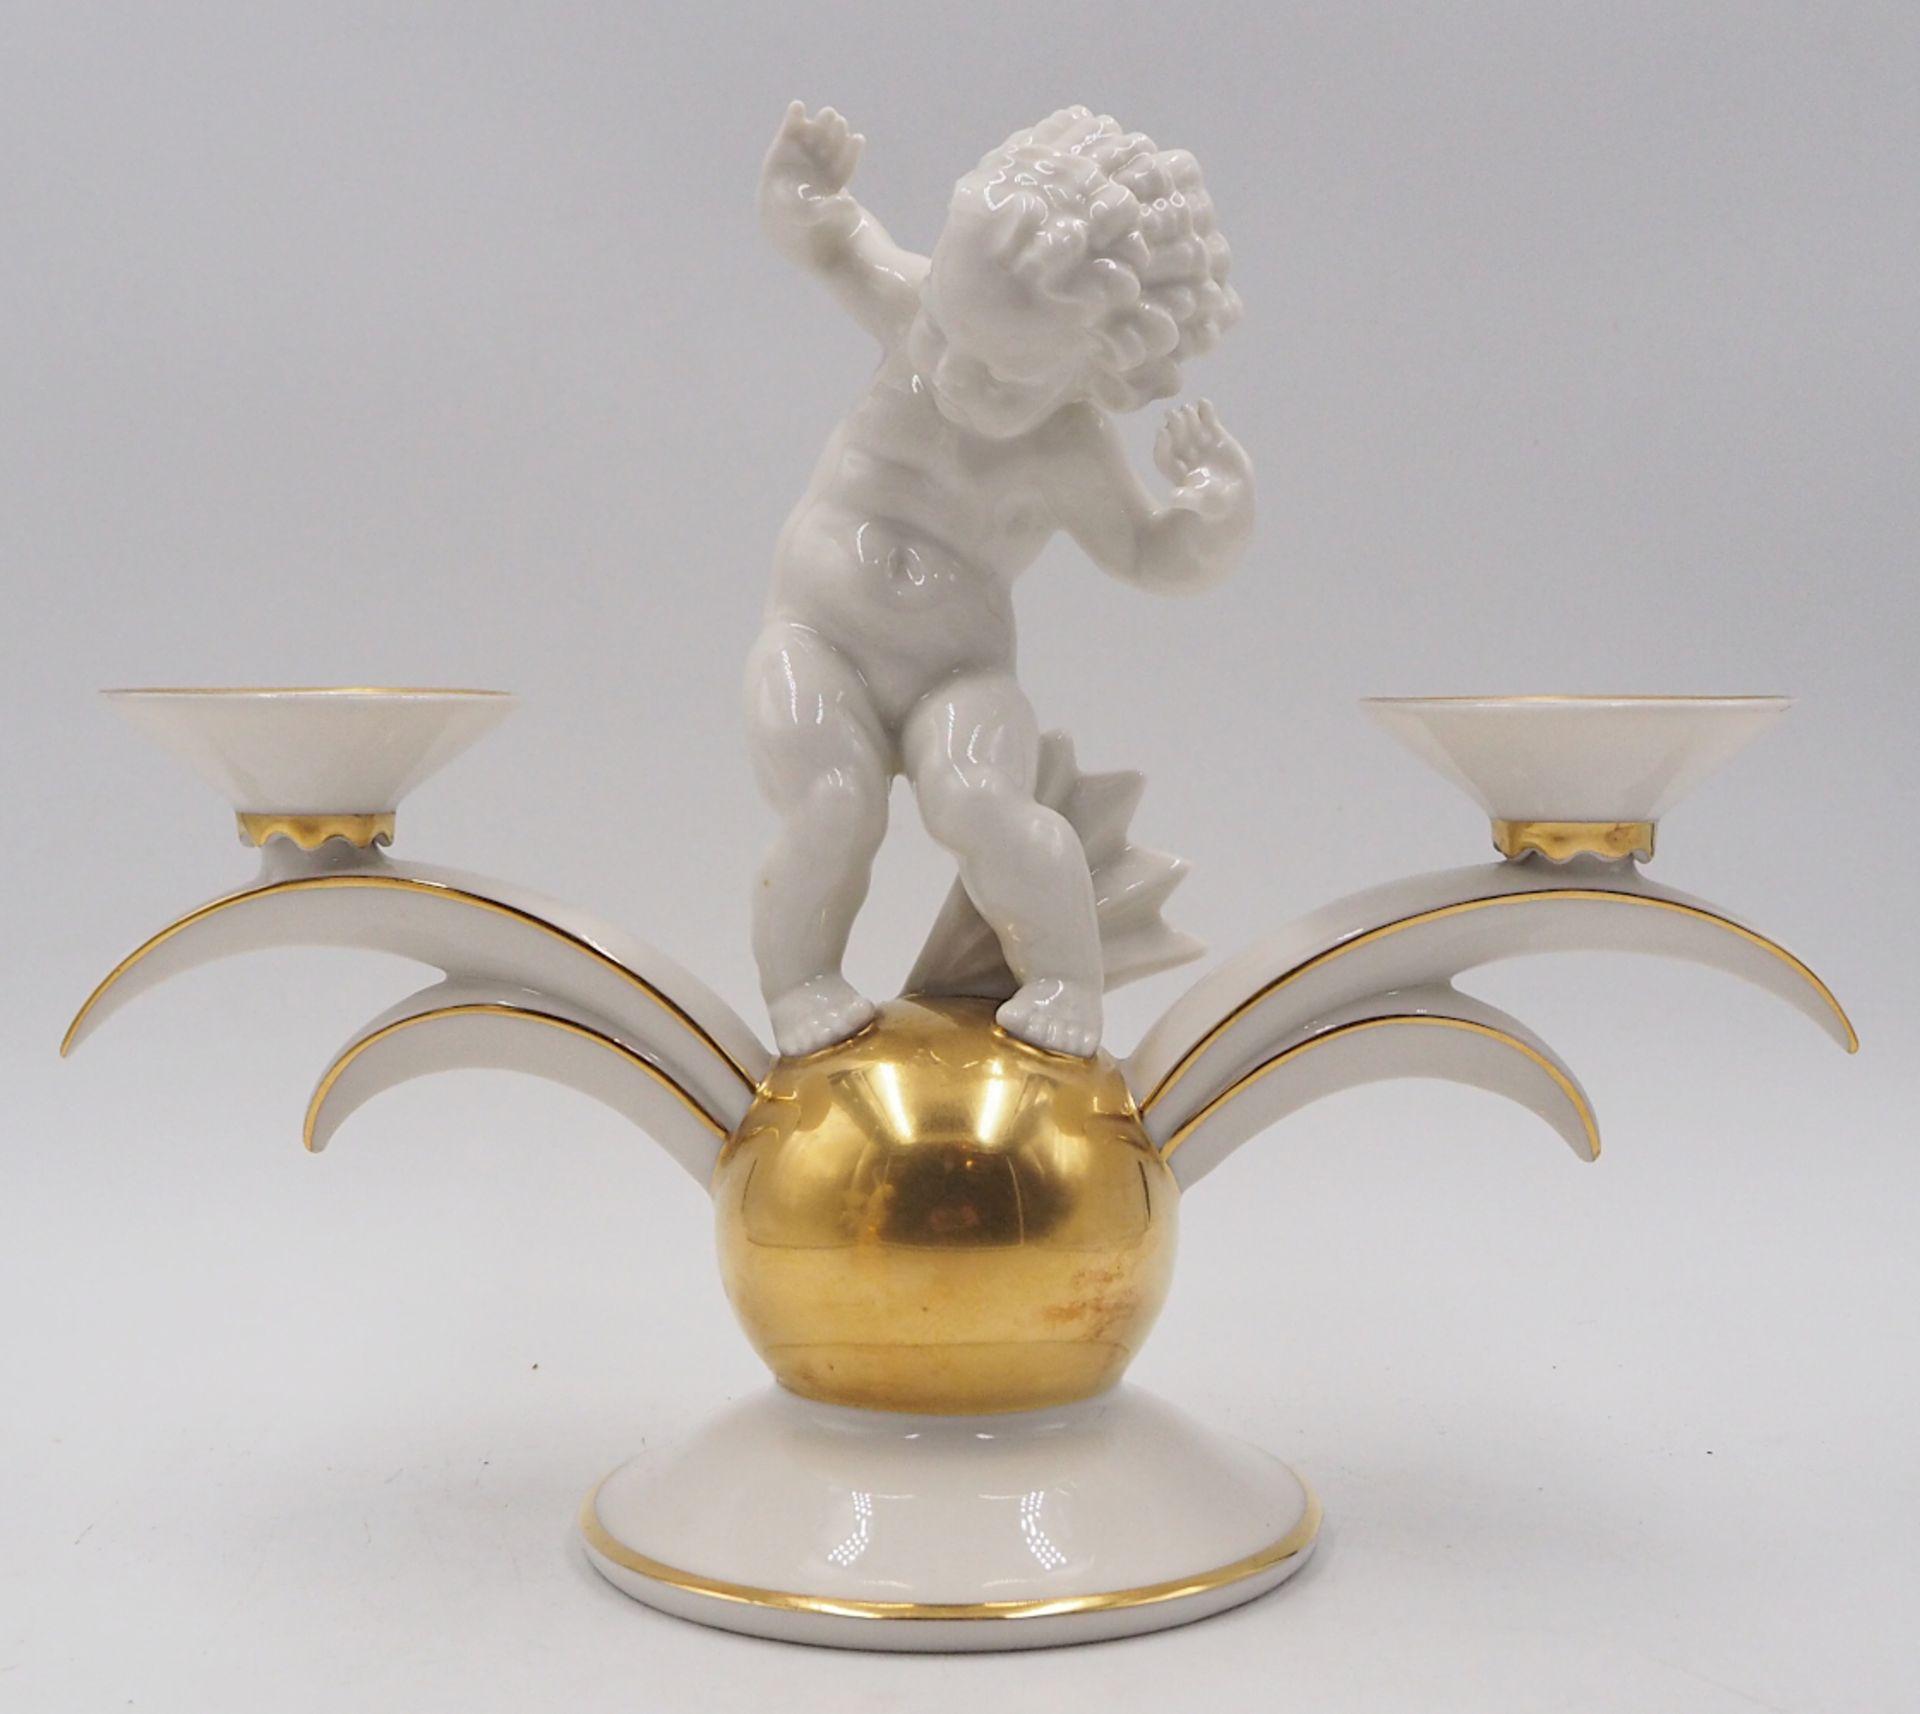 1 Pendant Kerzenleuchter Porzellan HUTSCHENREUTHER, z.T. US-Zone Designer: K. TUTTER, - Bild 4 aus 5